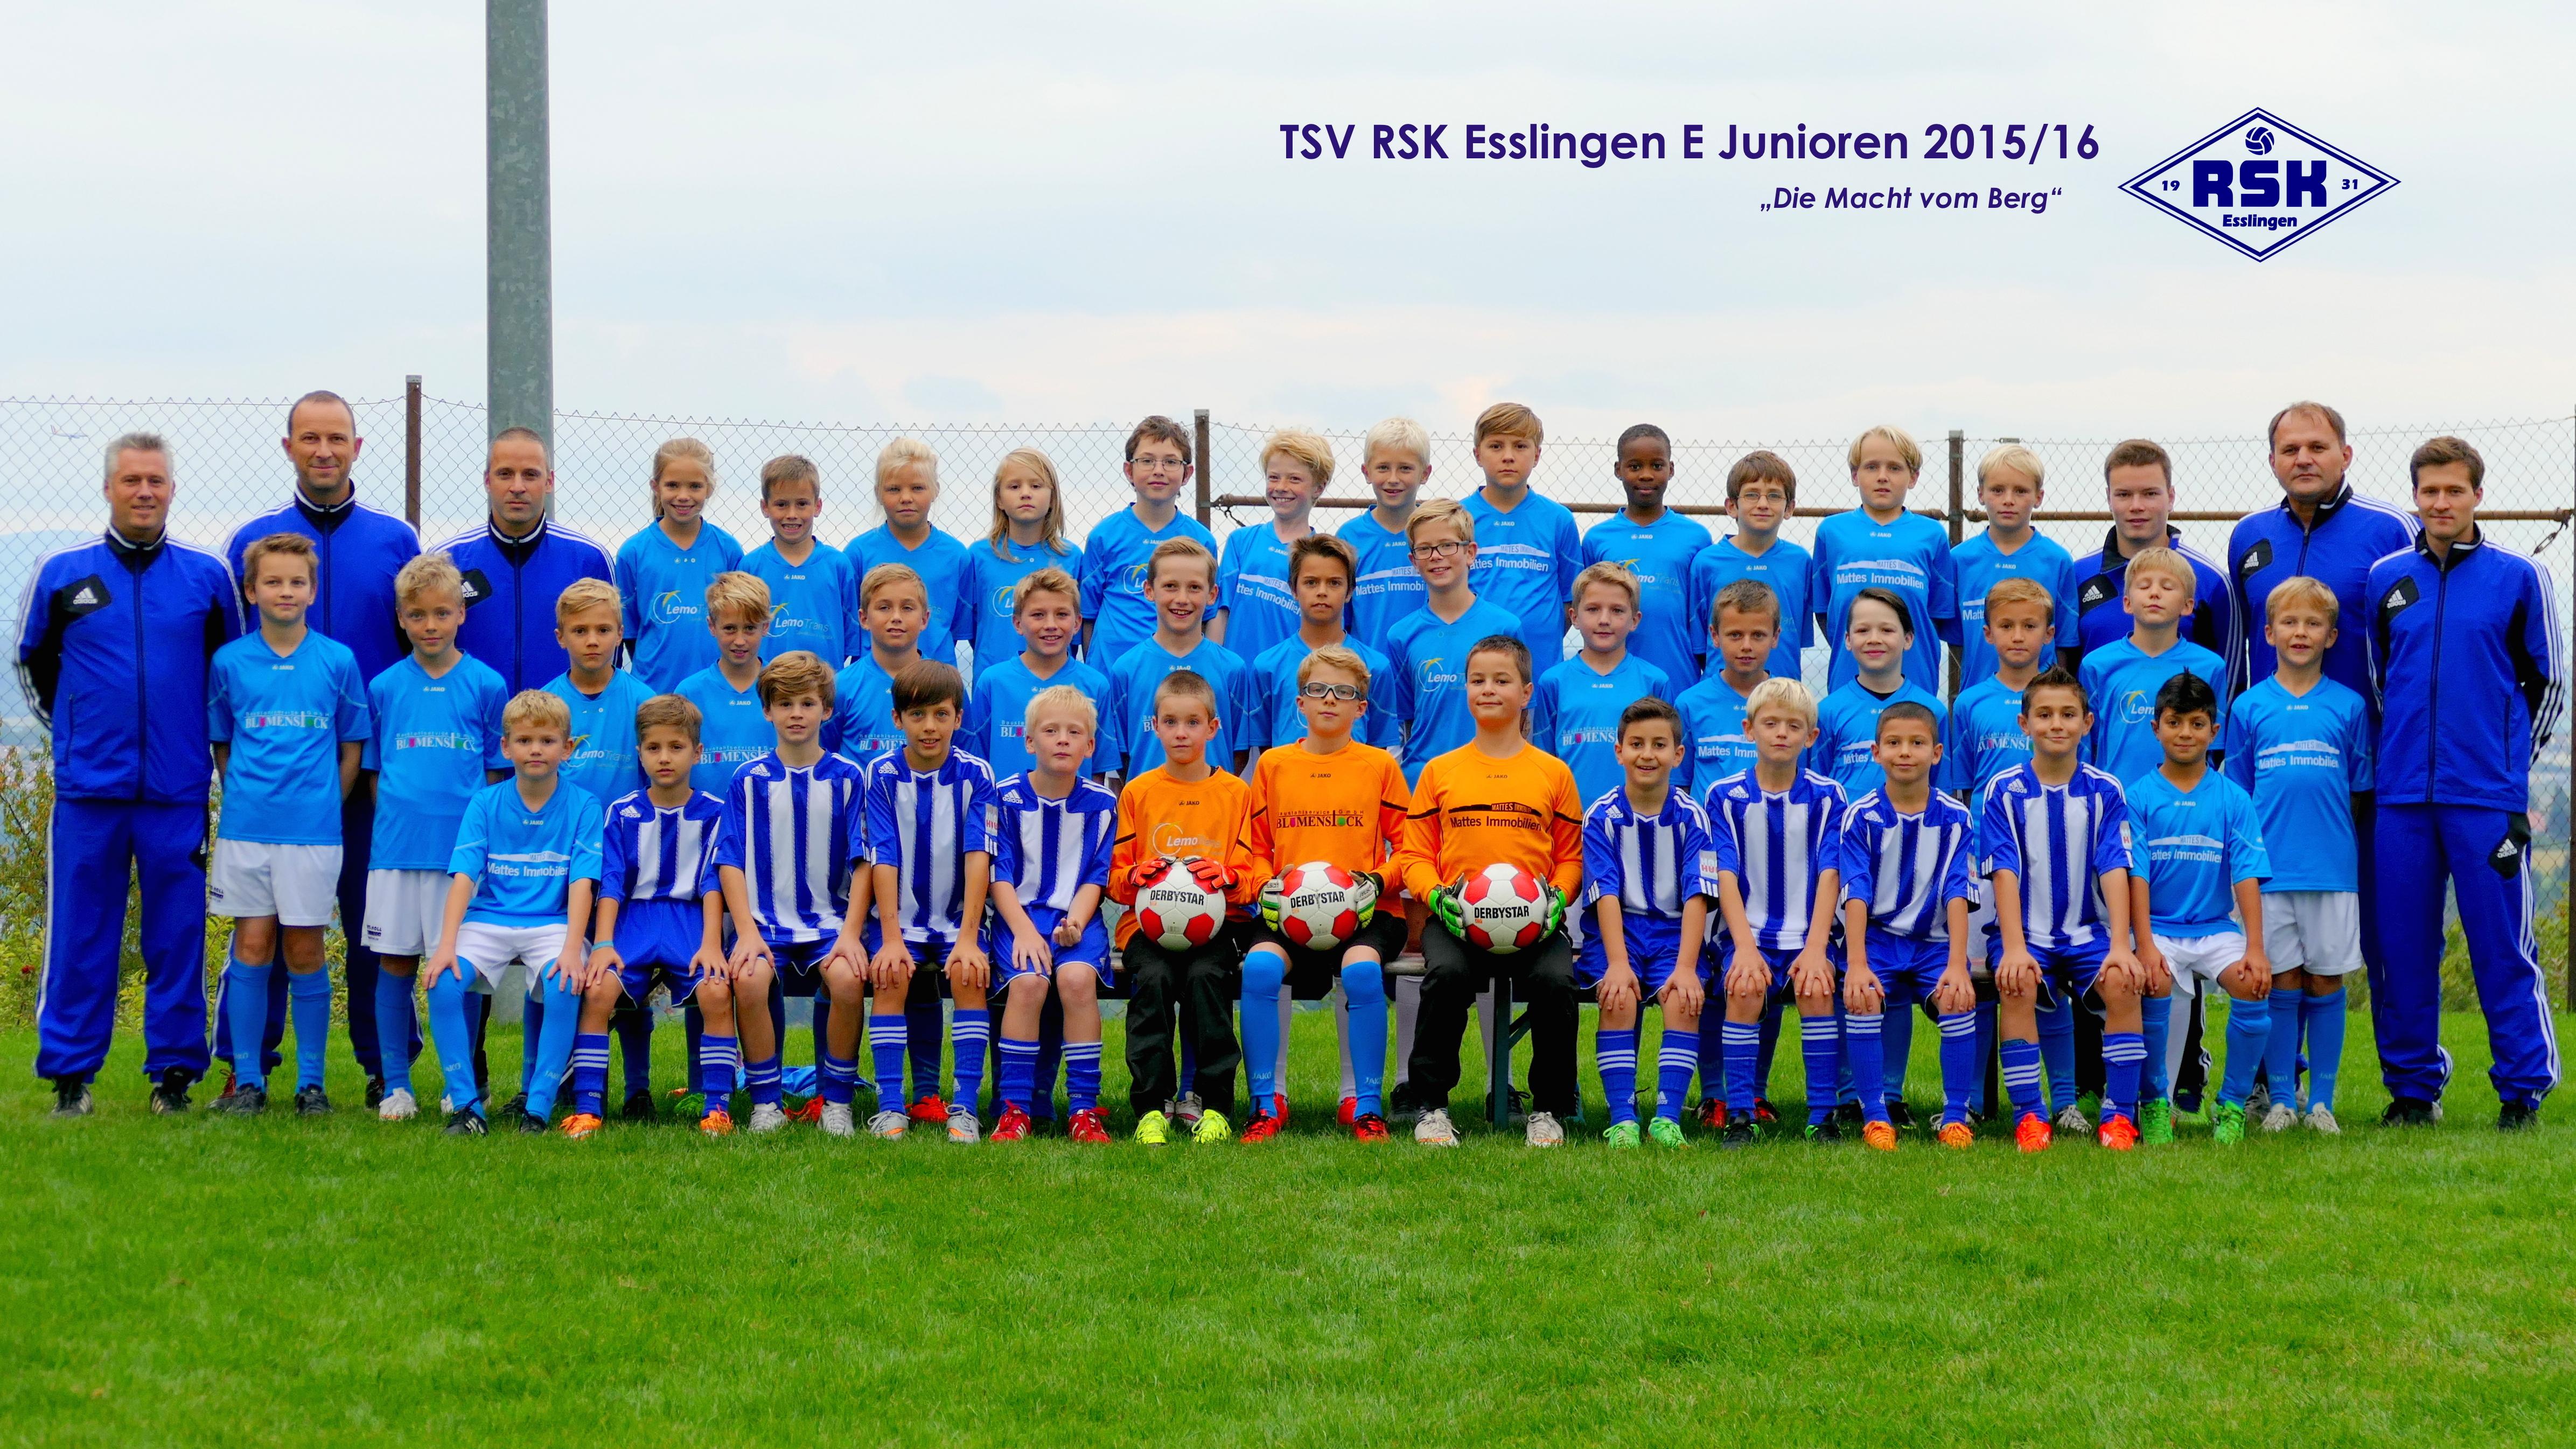 E Junioren 2015-16